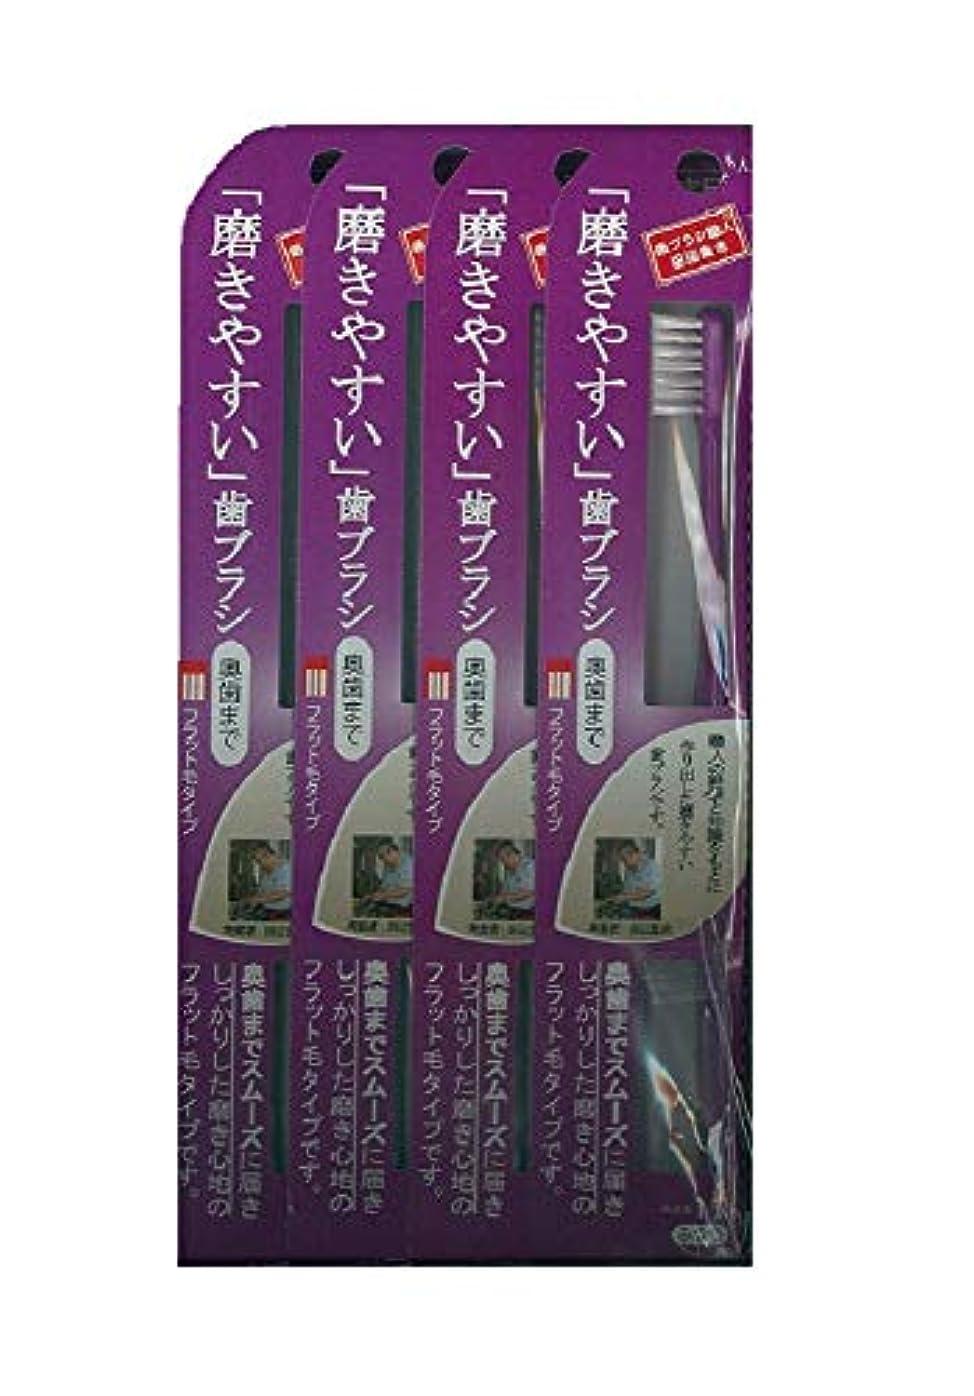 監査ヨーロッパデコレーション歯ブラシ職人 田辺重吉 磨きやすい歯ブラシ 奥歯まで フラット毛タイプ LT-11(1本×4個セット)